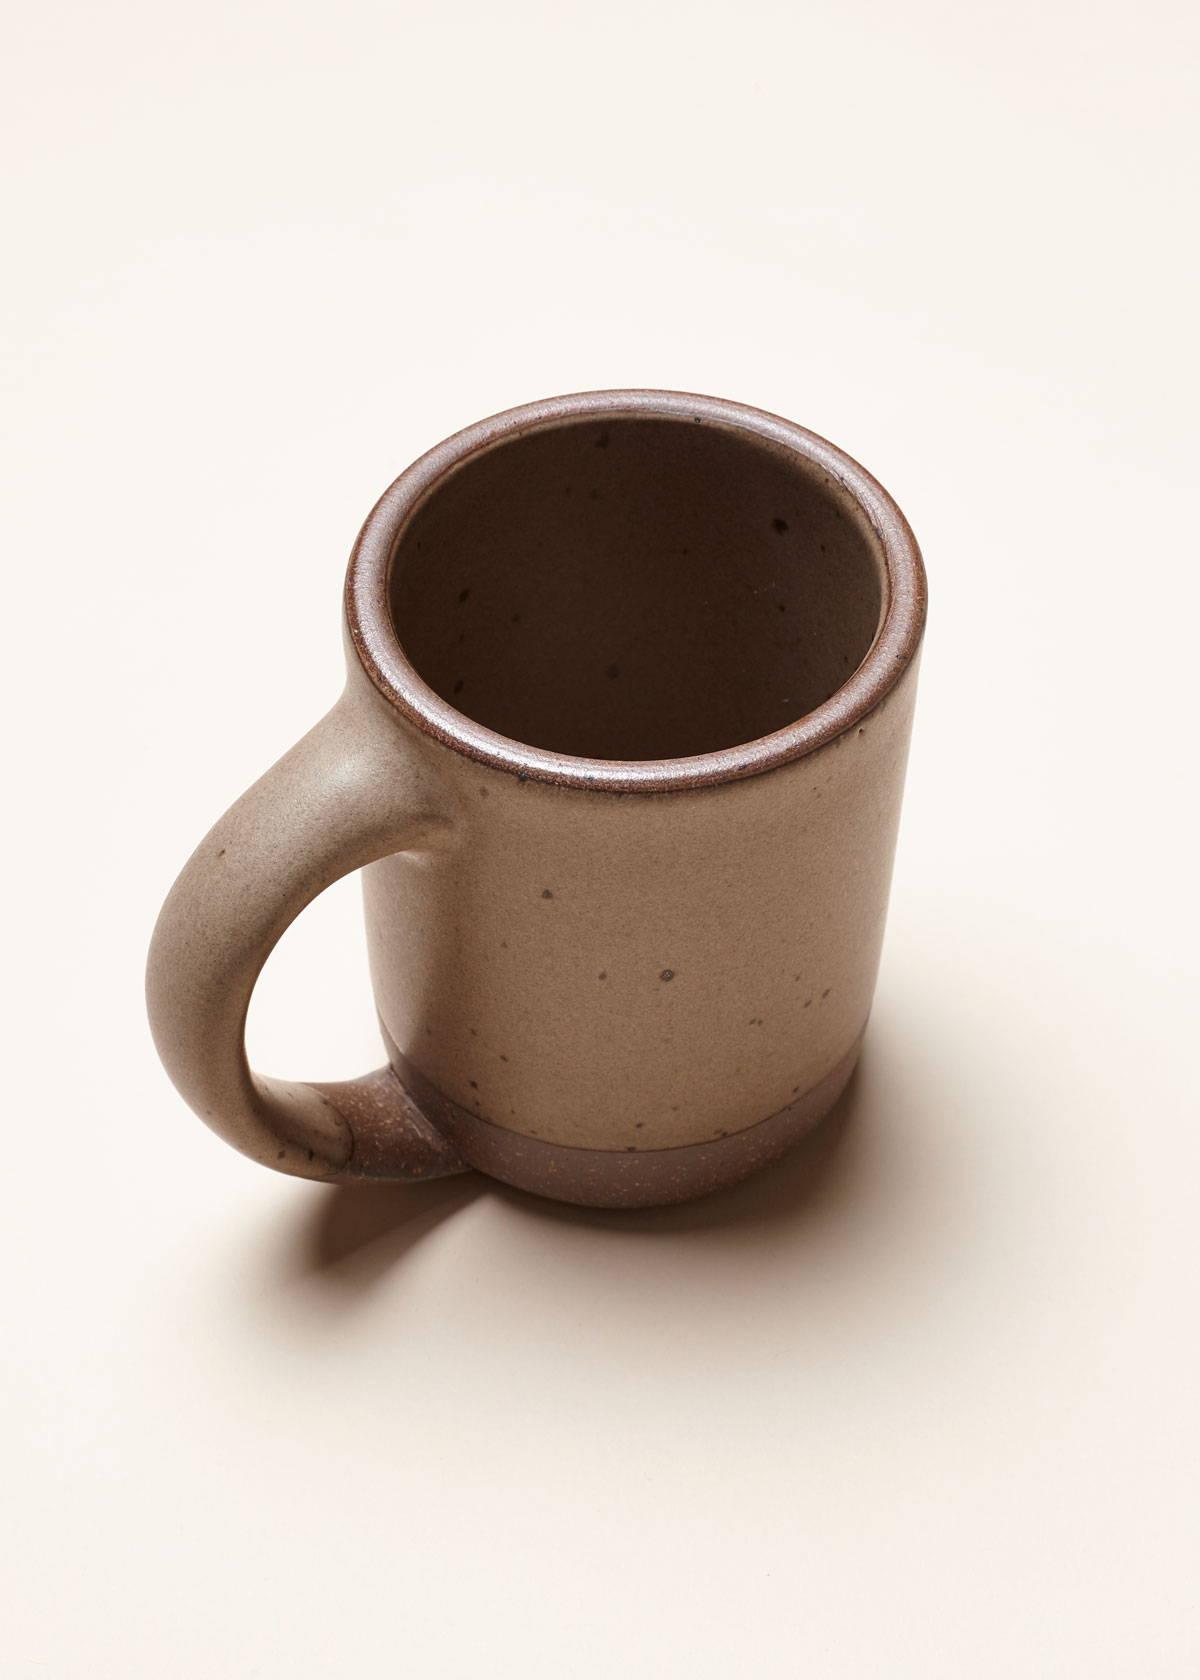 The Mug in Morel